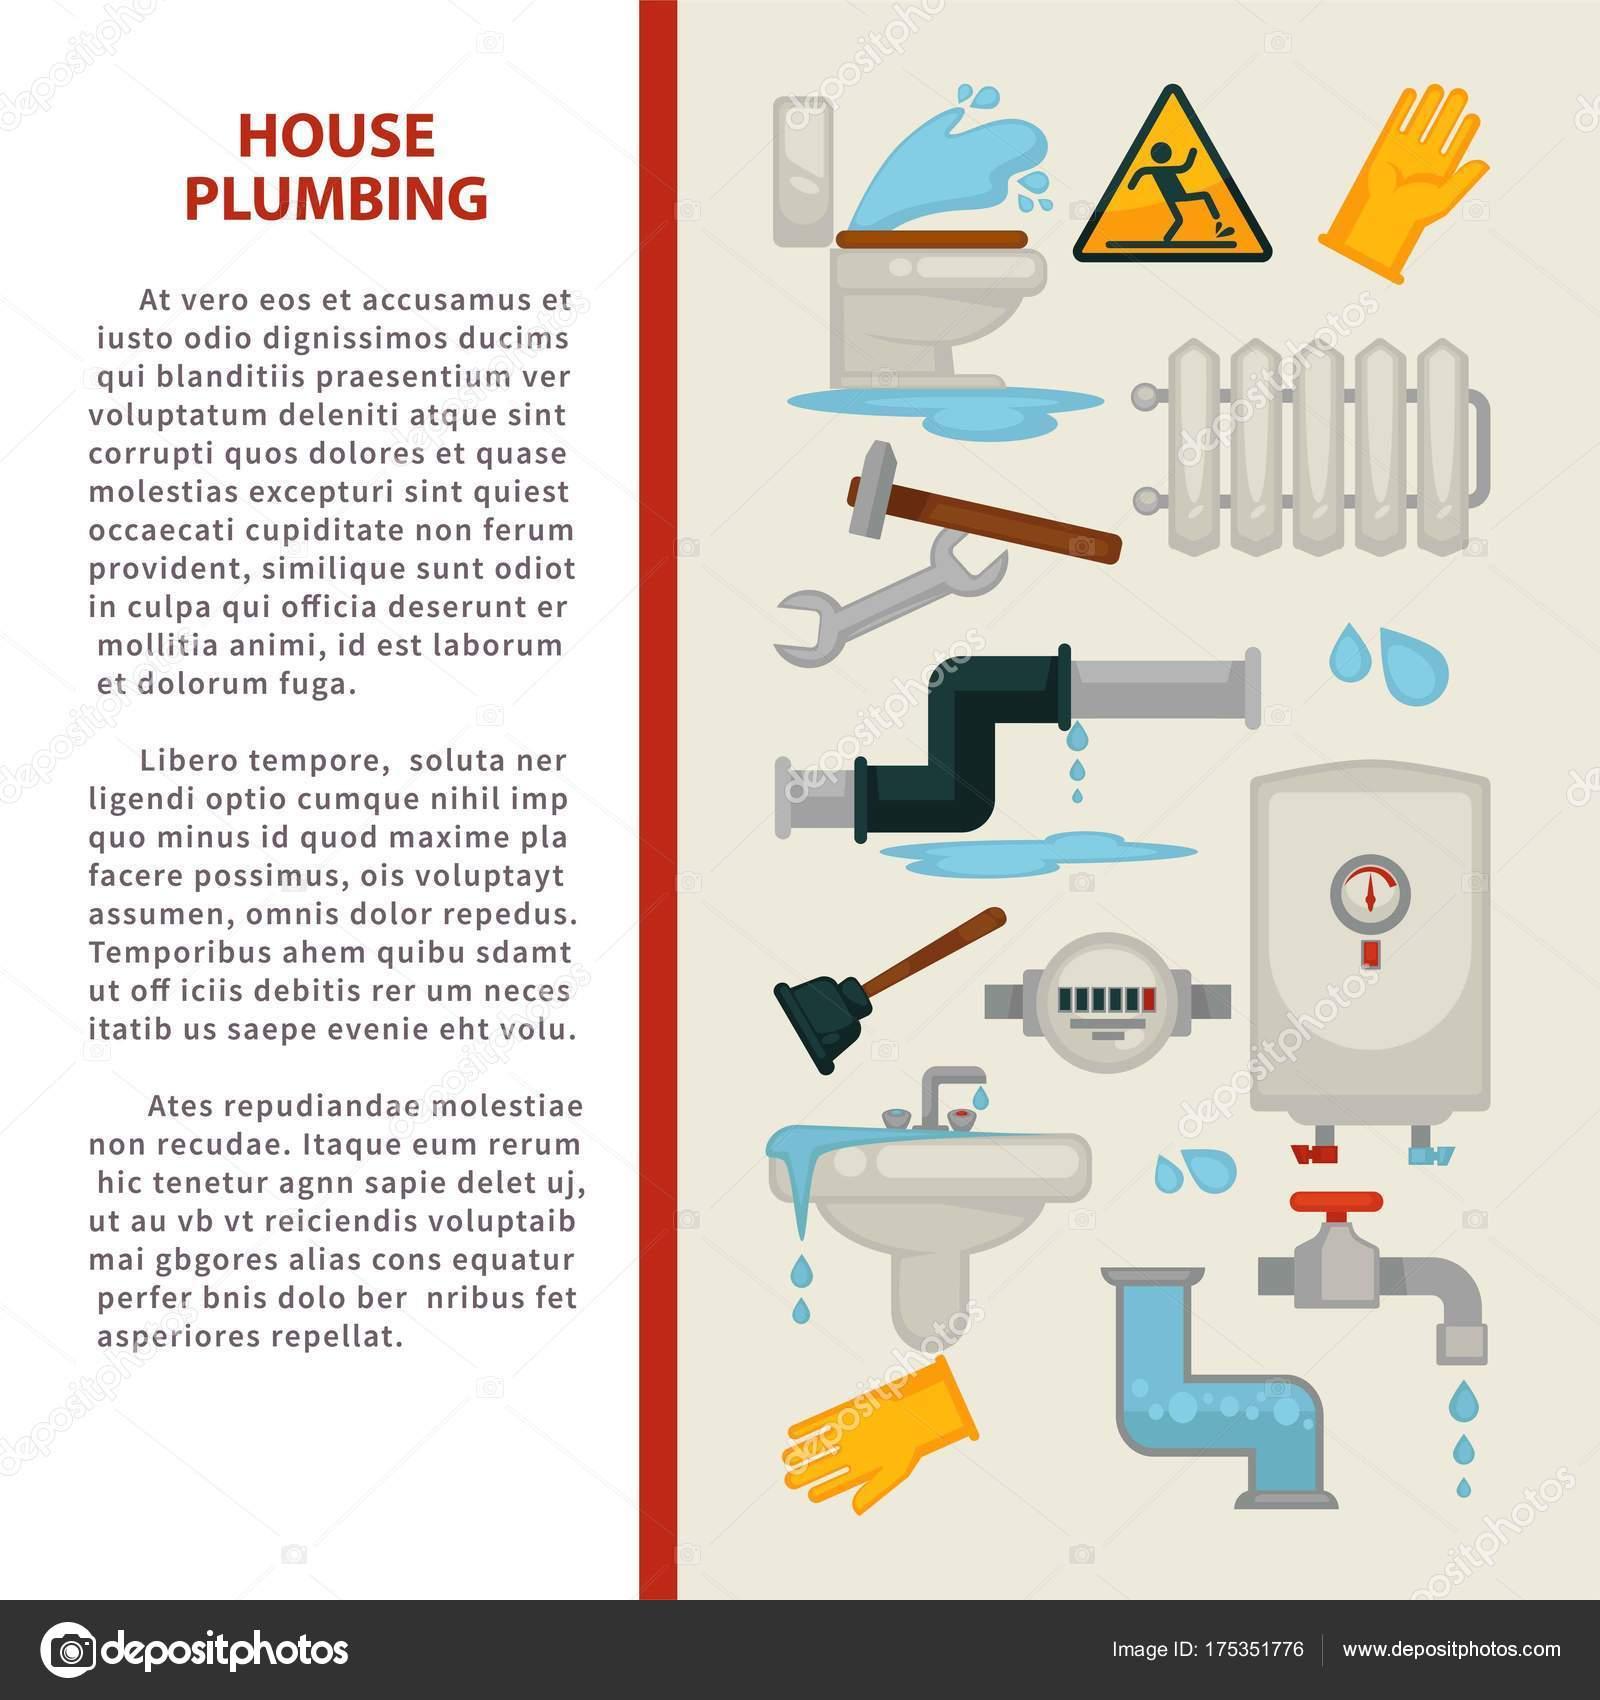 Probleme Humidite Salle De Bain ~ Affiche Des Informations Plomberie House Pour R Paration Fuites